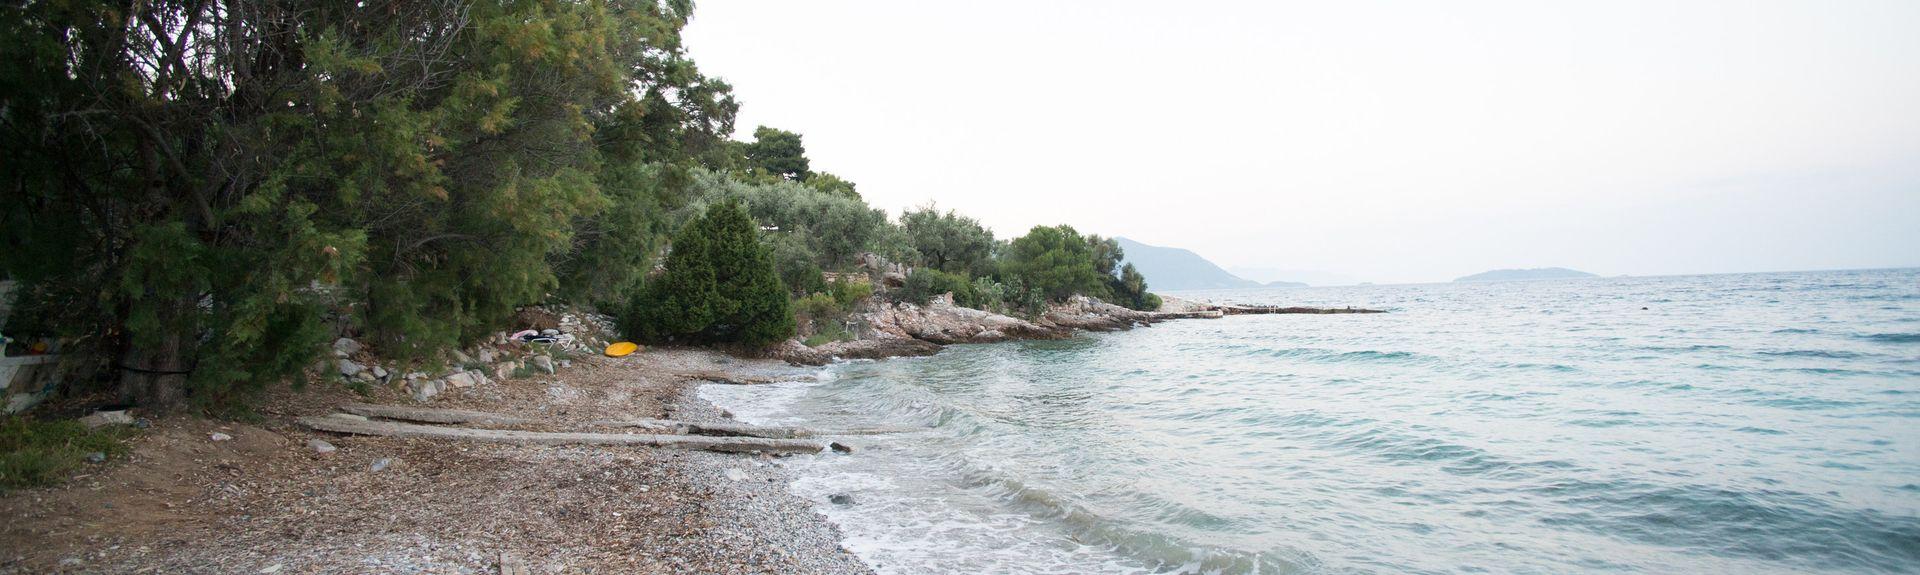 Grécia Central, Grécia